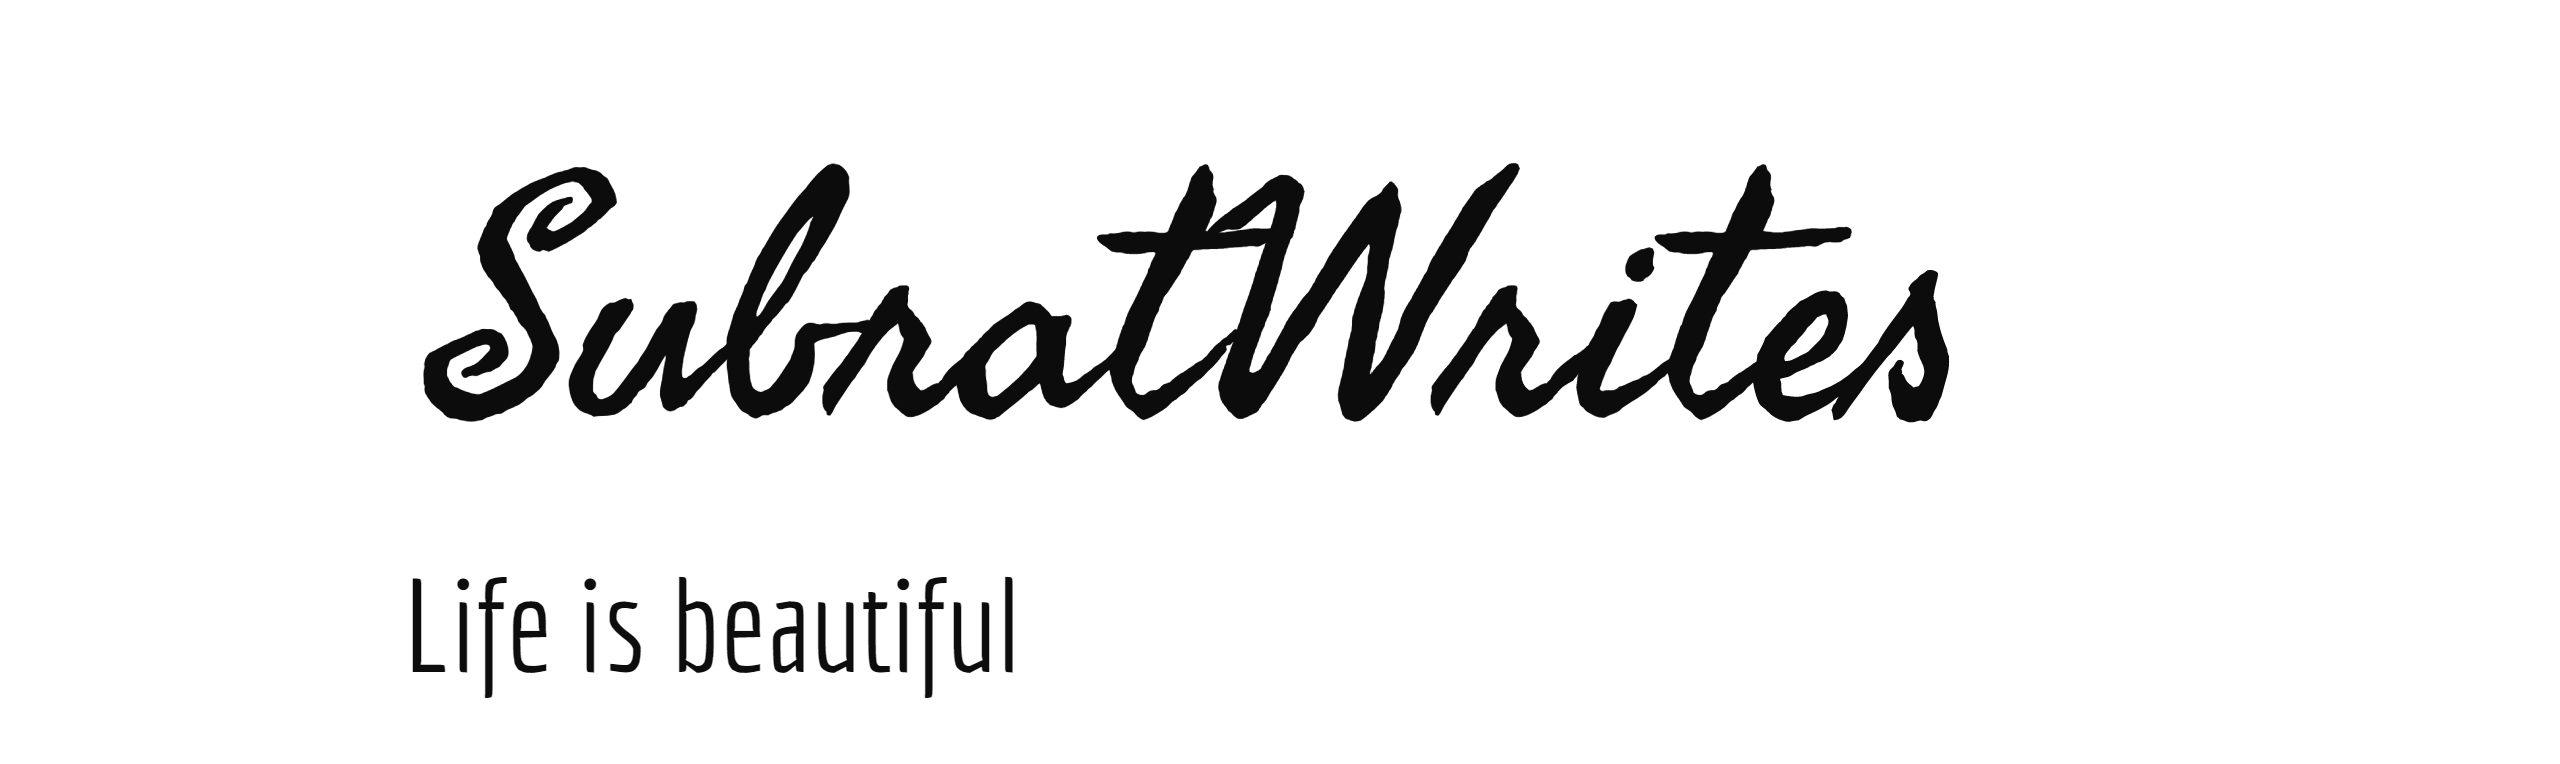 SubratWrites.com